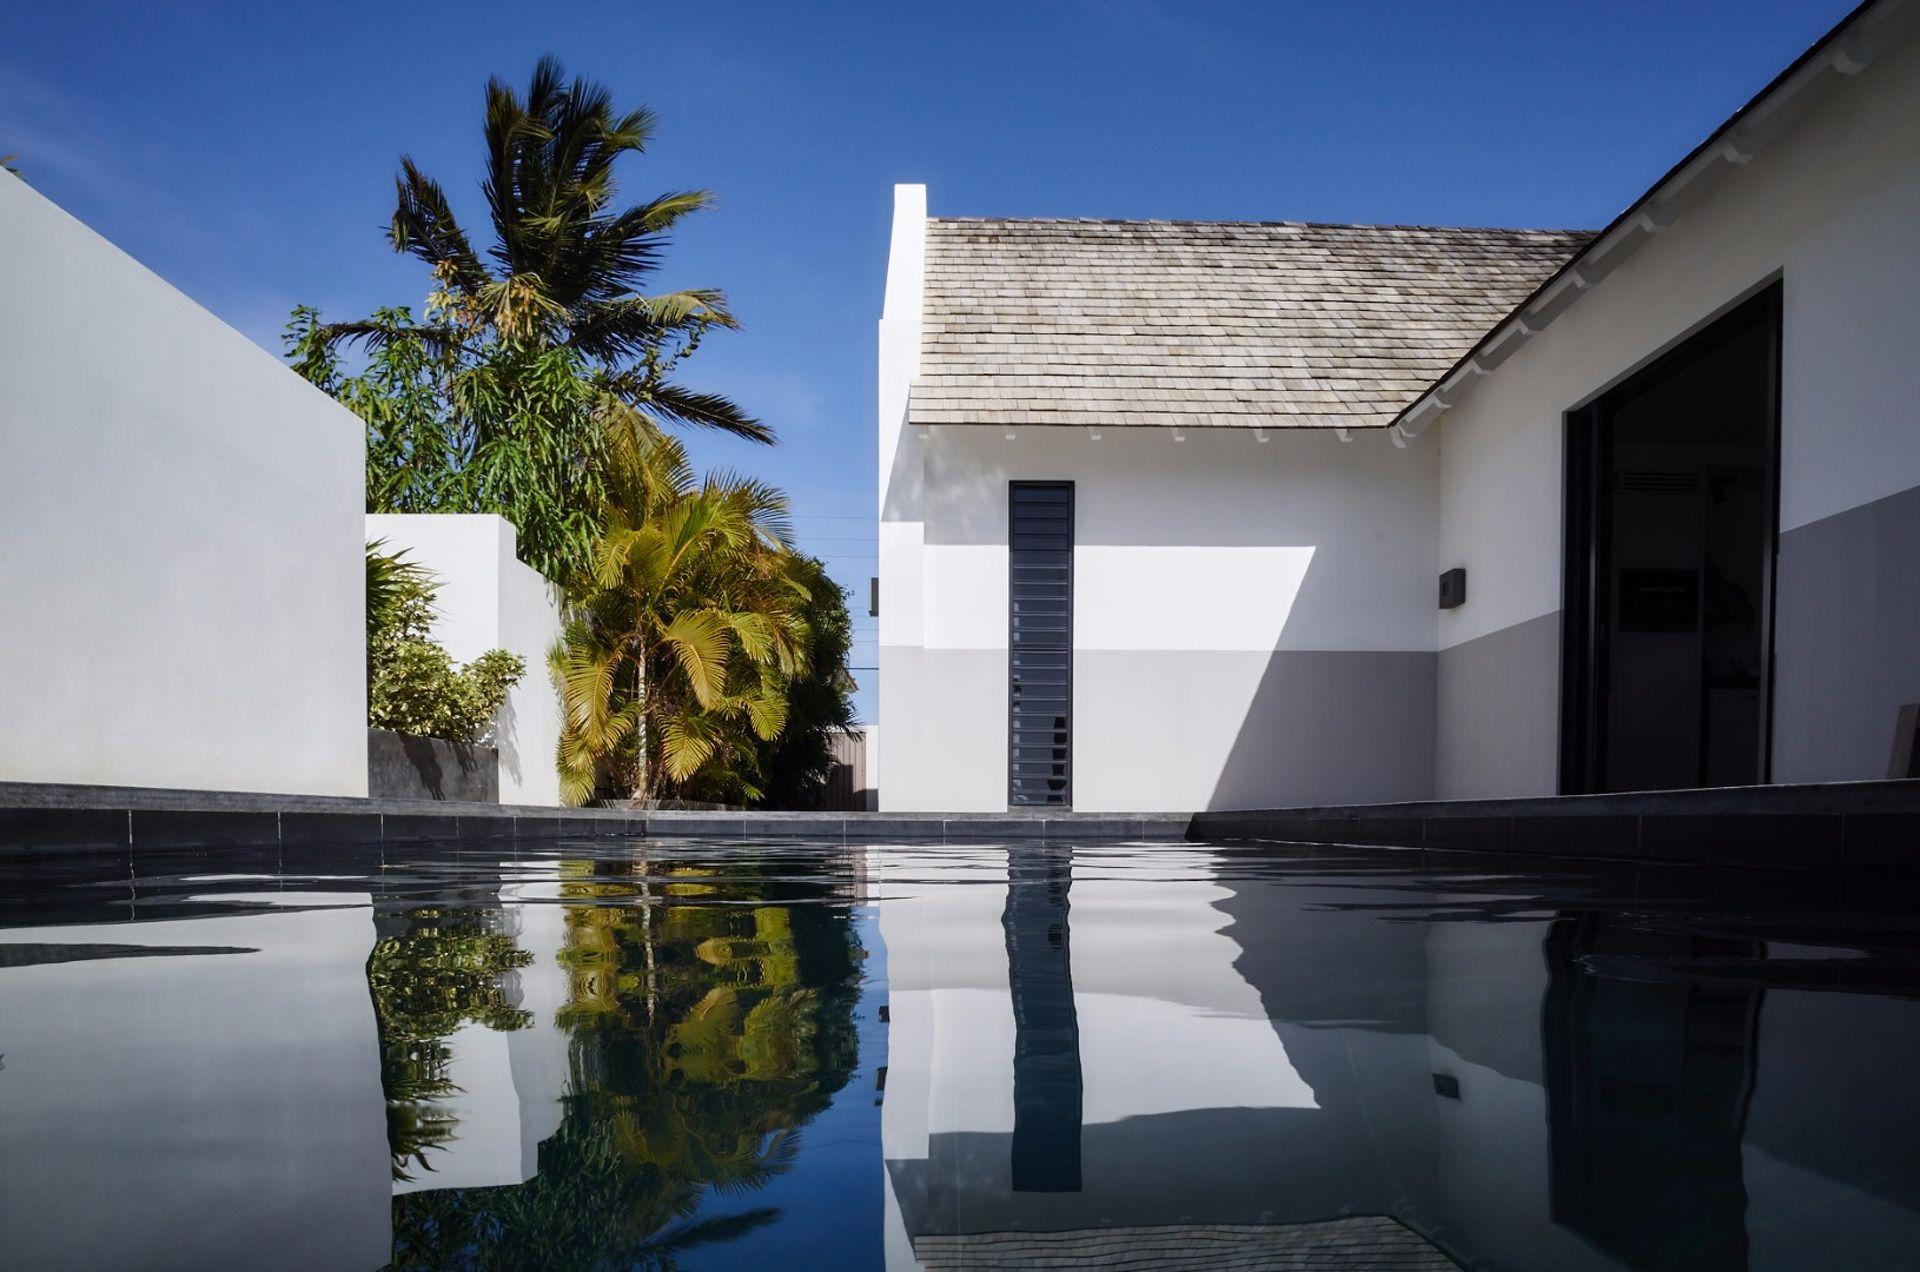 Te koop beach villa ontworpen door piet boon, met zwembad en ...